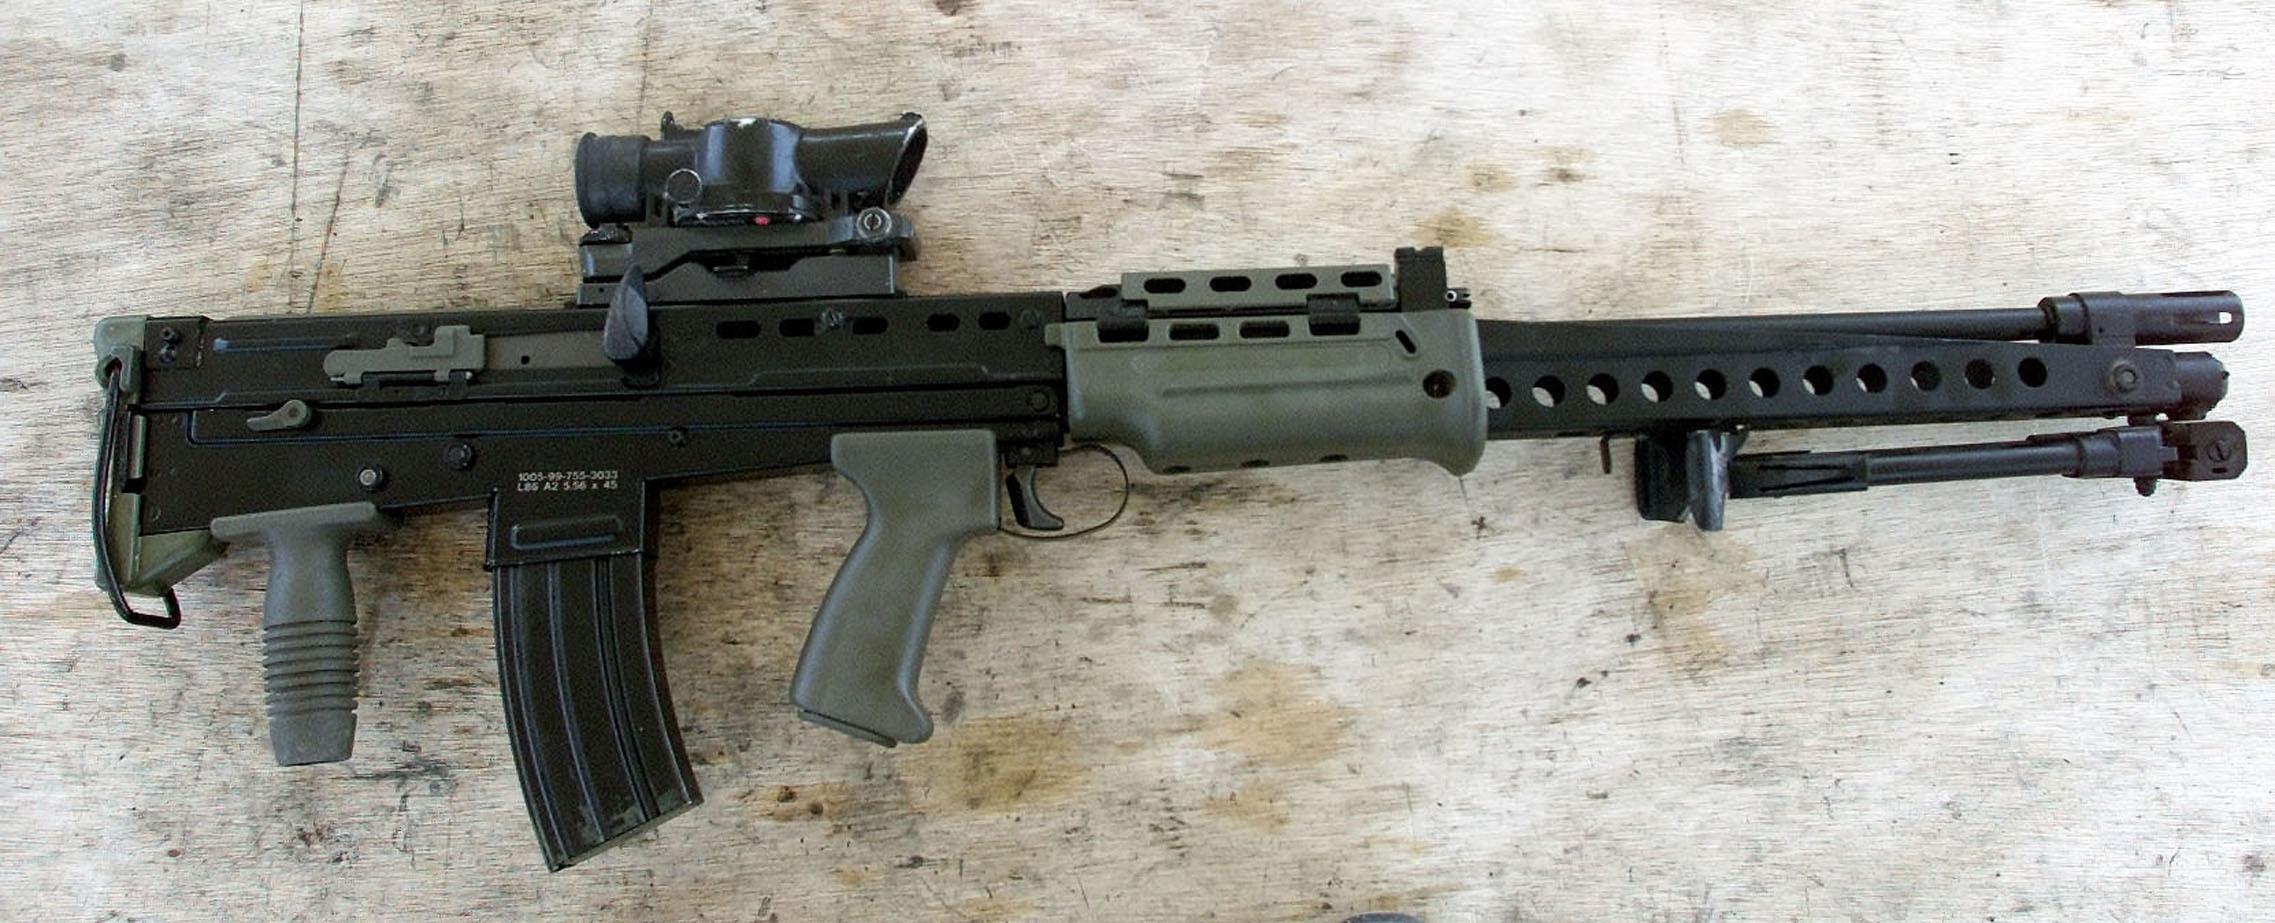 A real SA80 rifle.